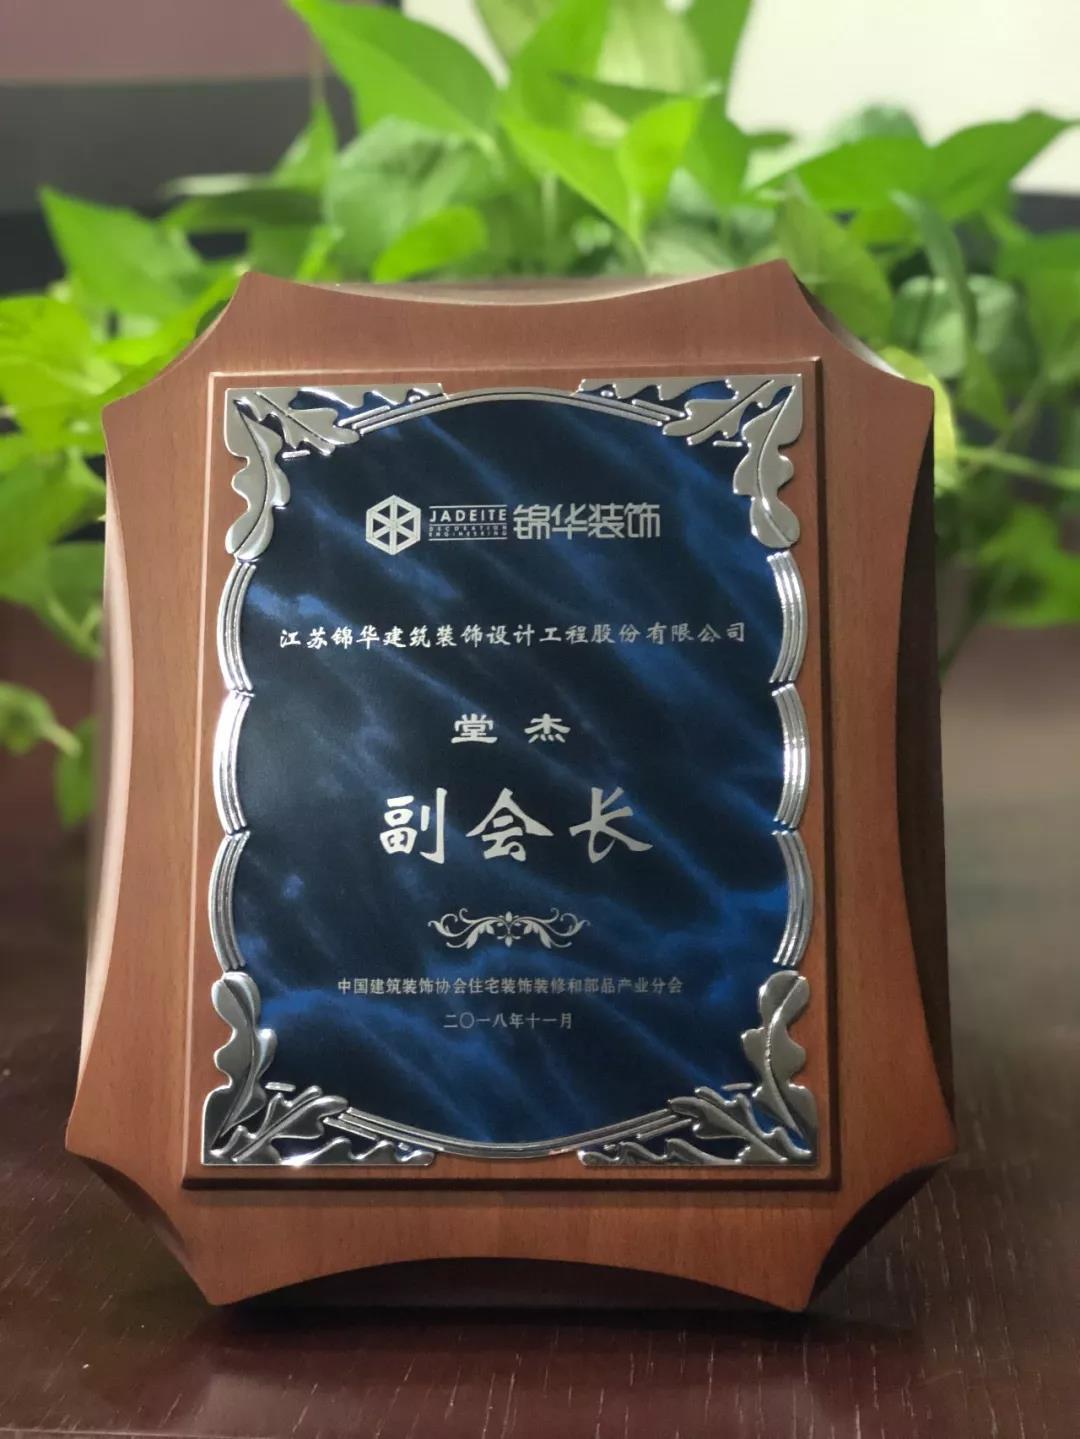 """""""中國建筑裝飾協會住宅裝飾裝修和部品產業分會副會長"""" 榮譽稱號"""